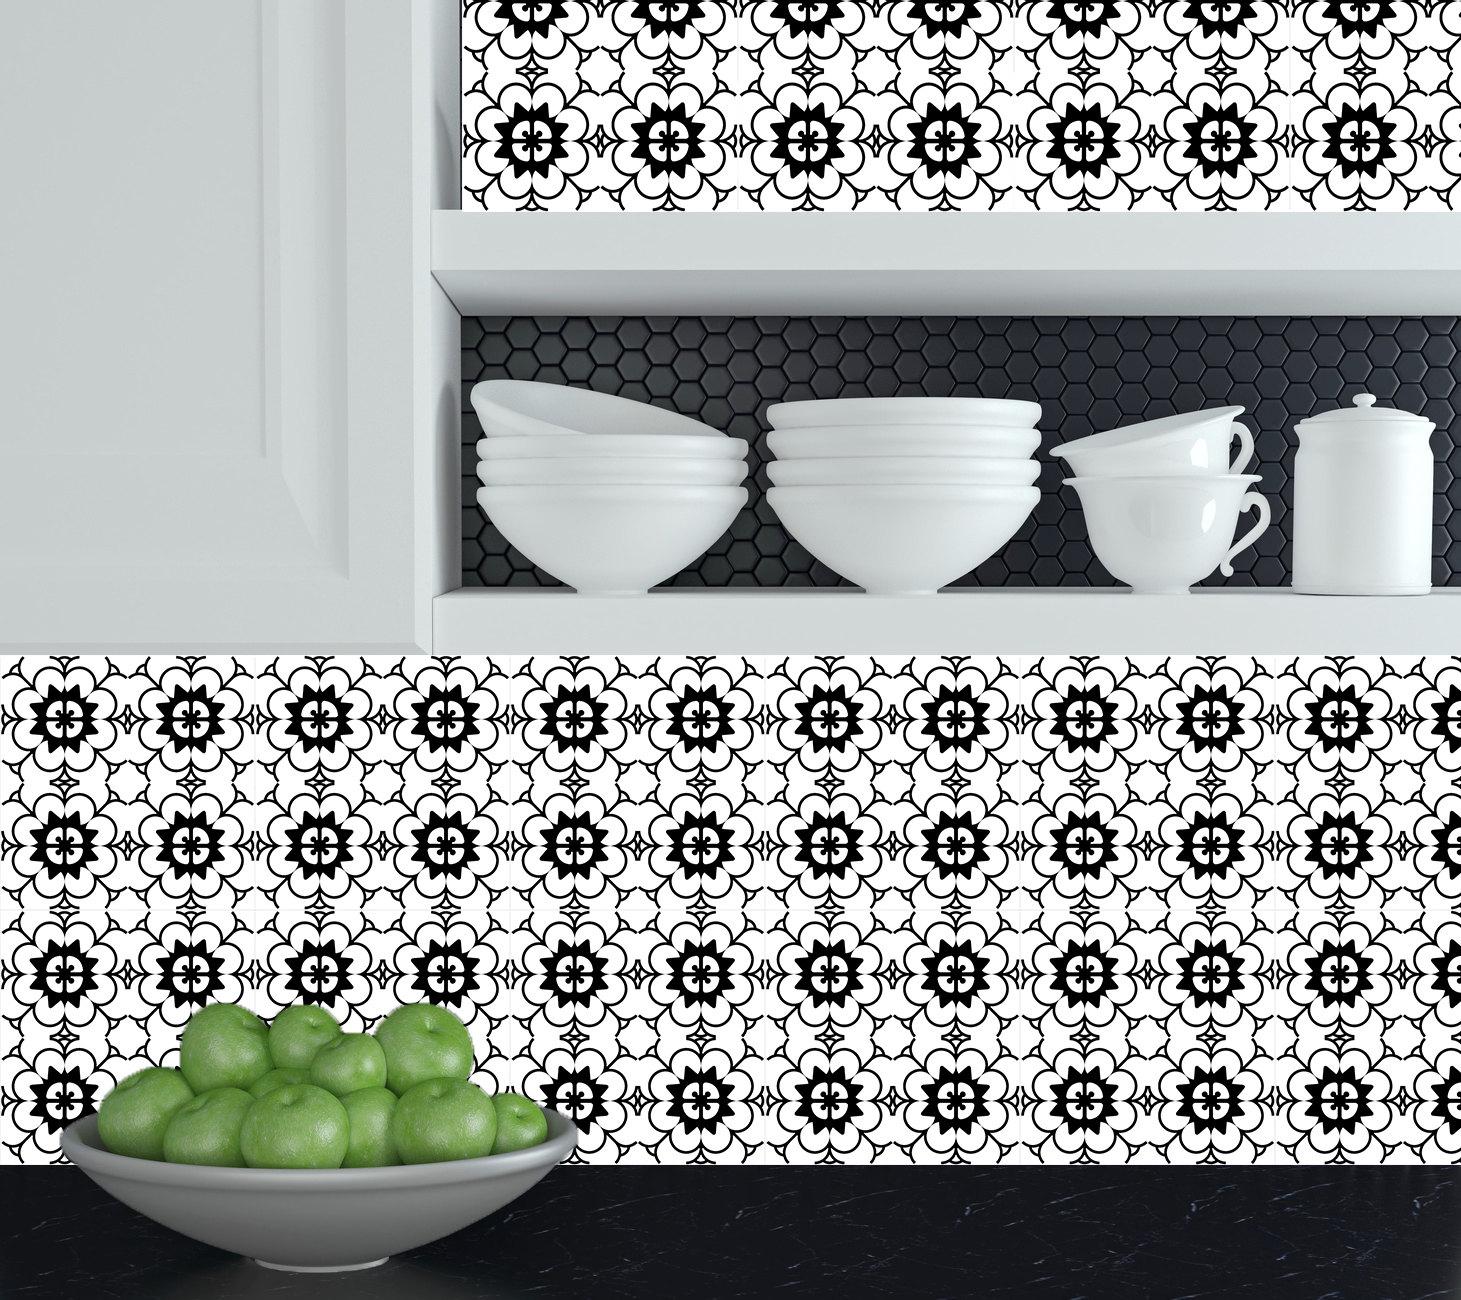 keuken tegels stickers : Set Van 24 Tegels Stickers Zwart Wit Huisontwerp Decoratie